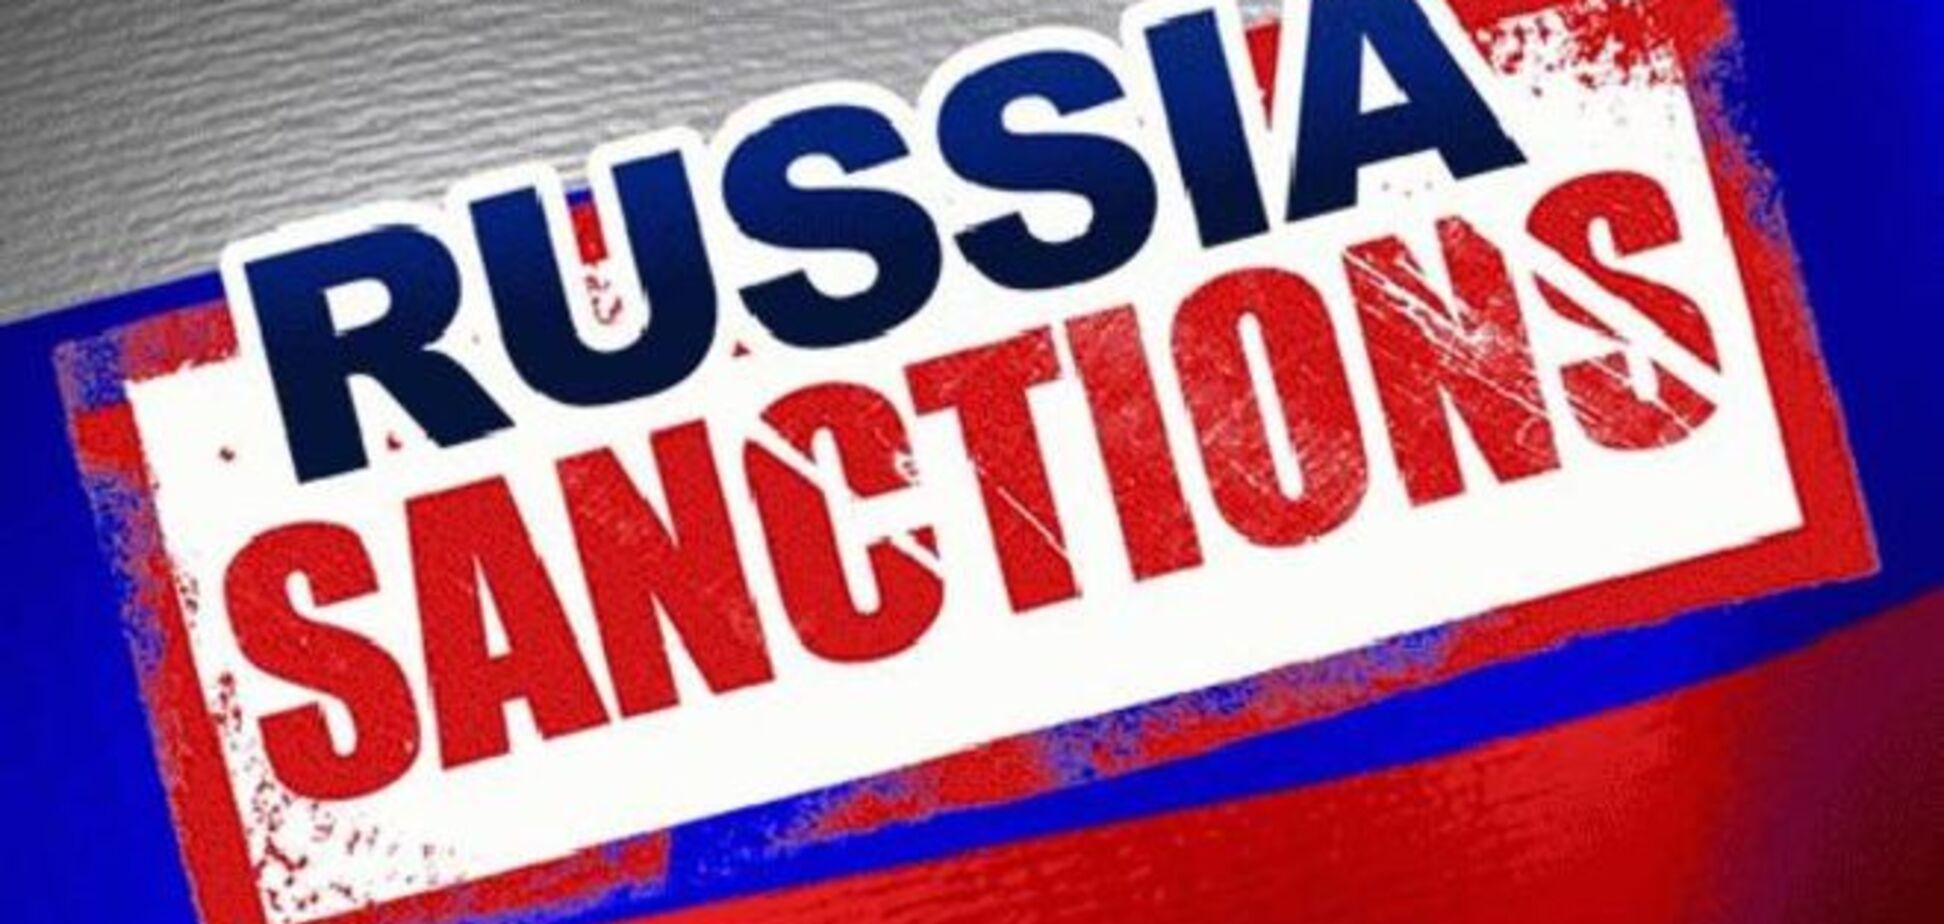 Євросоюз і США готові посилити санкції проти Росії - спільна заява